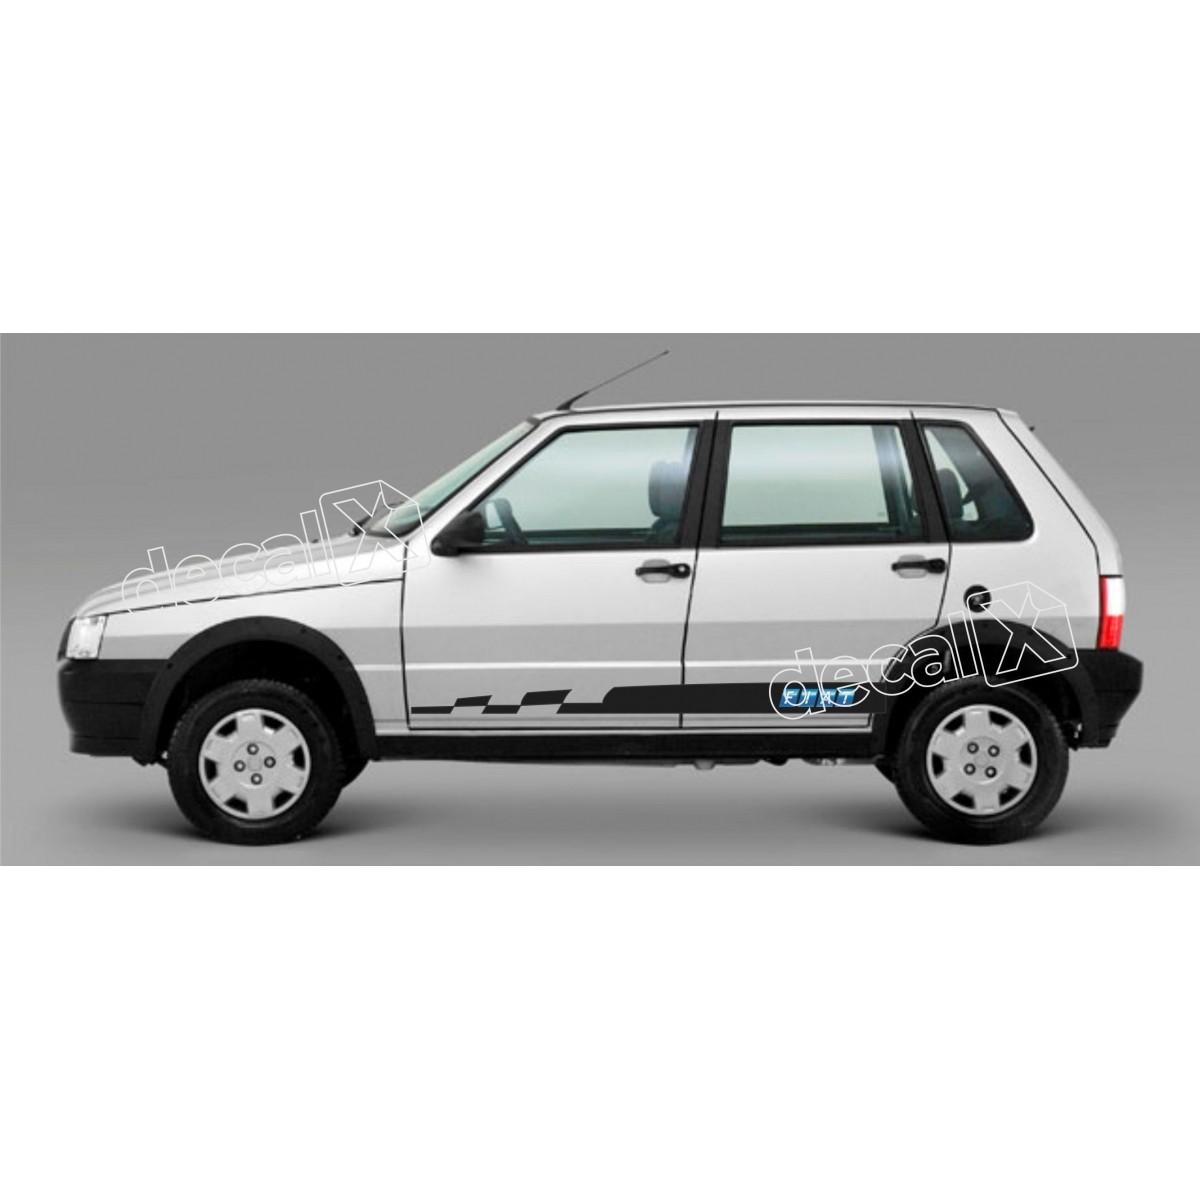 Adesivo Faixa Lateral Fiat Uno Unof2